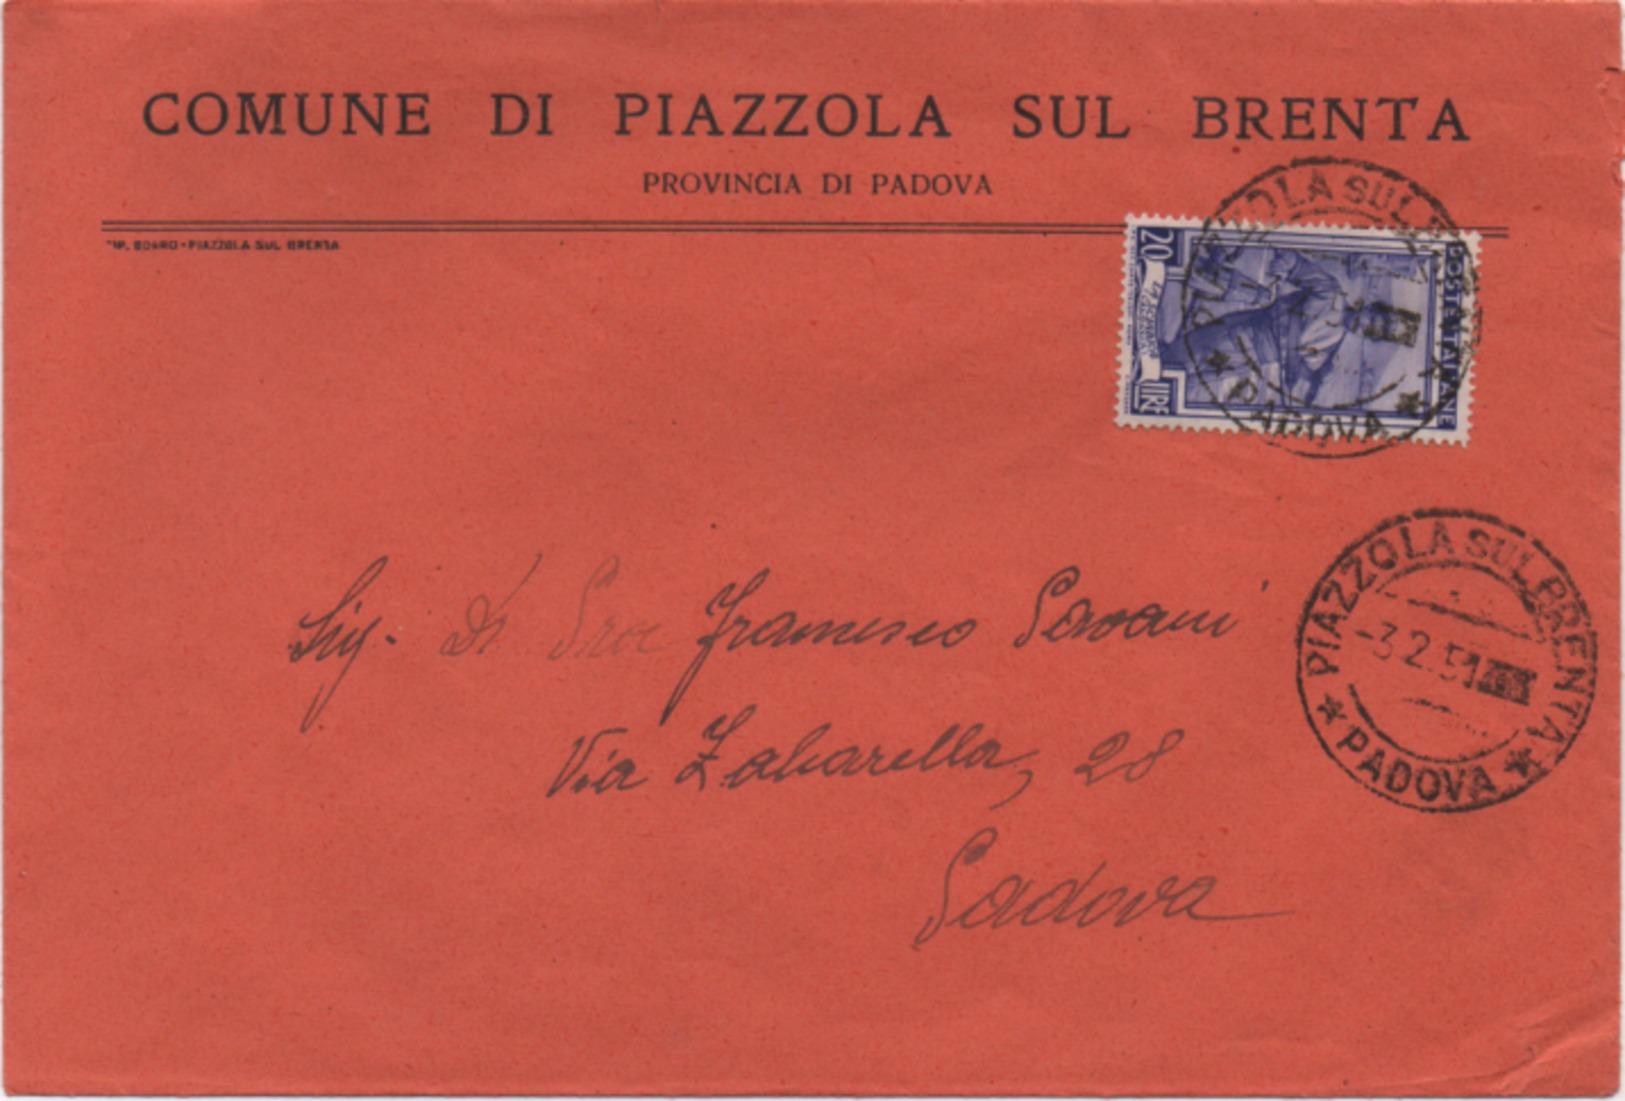 Tematica Comuni D'Italia: Italia Al Lavoro £. 20 Su Busta Comune Di Piazzola Sul Brenta (Padova) Del 03.02.1951 - 1946-.. République